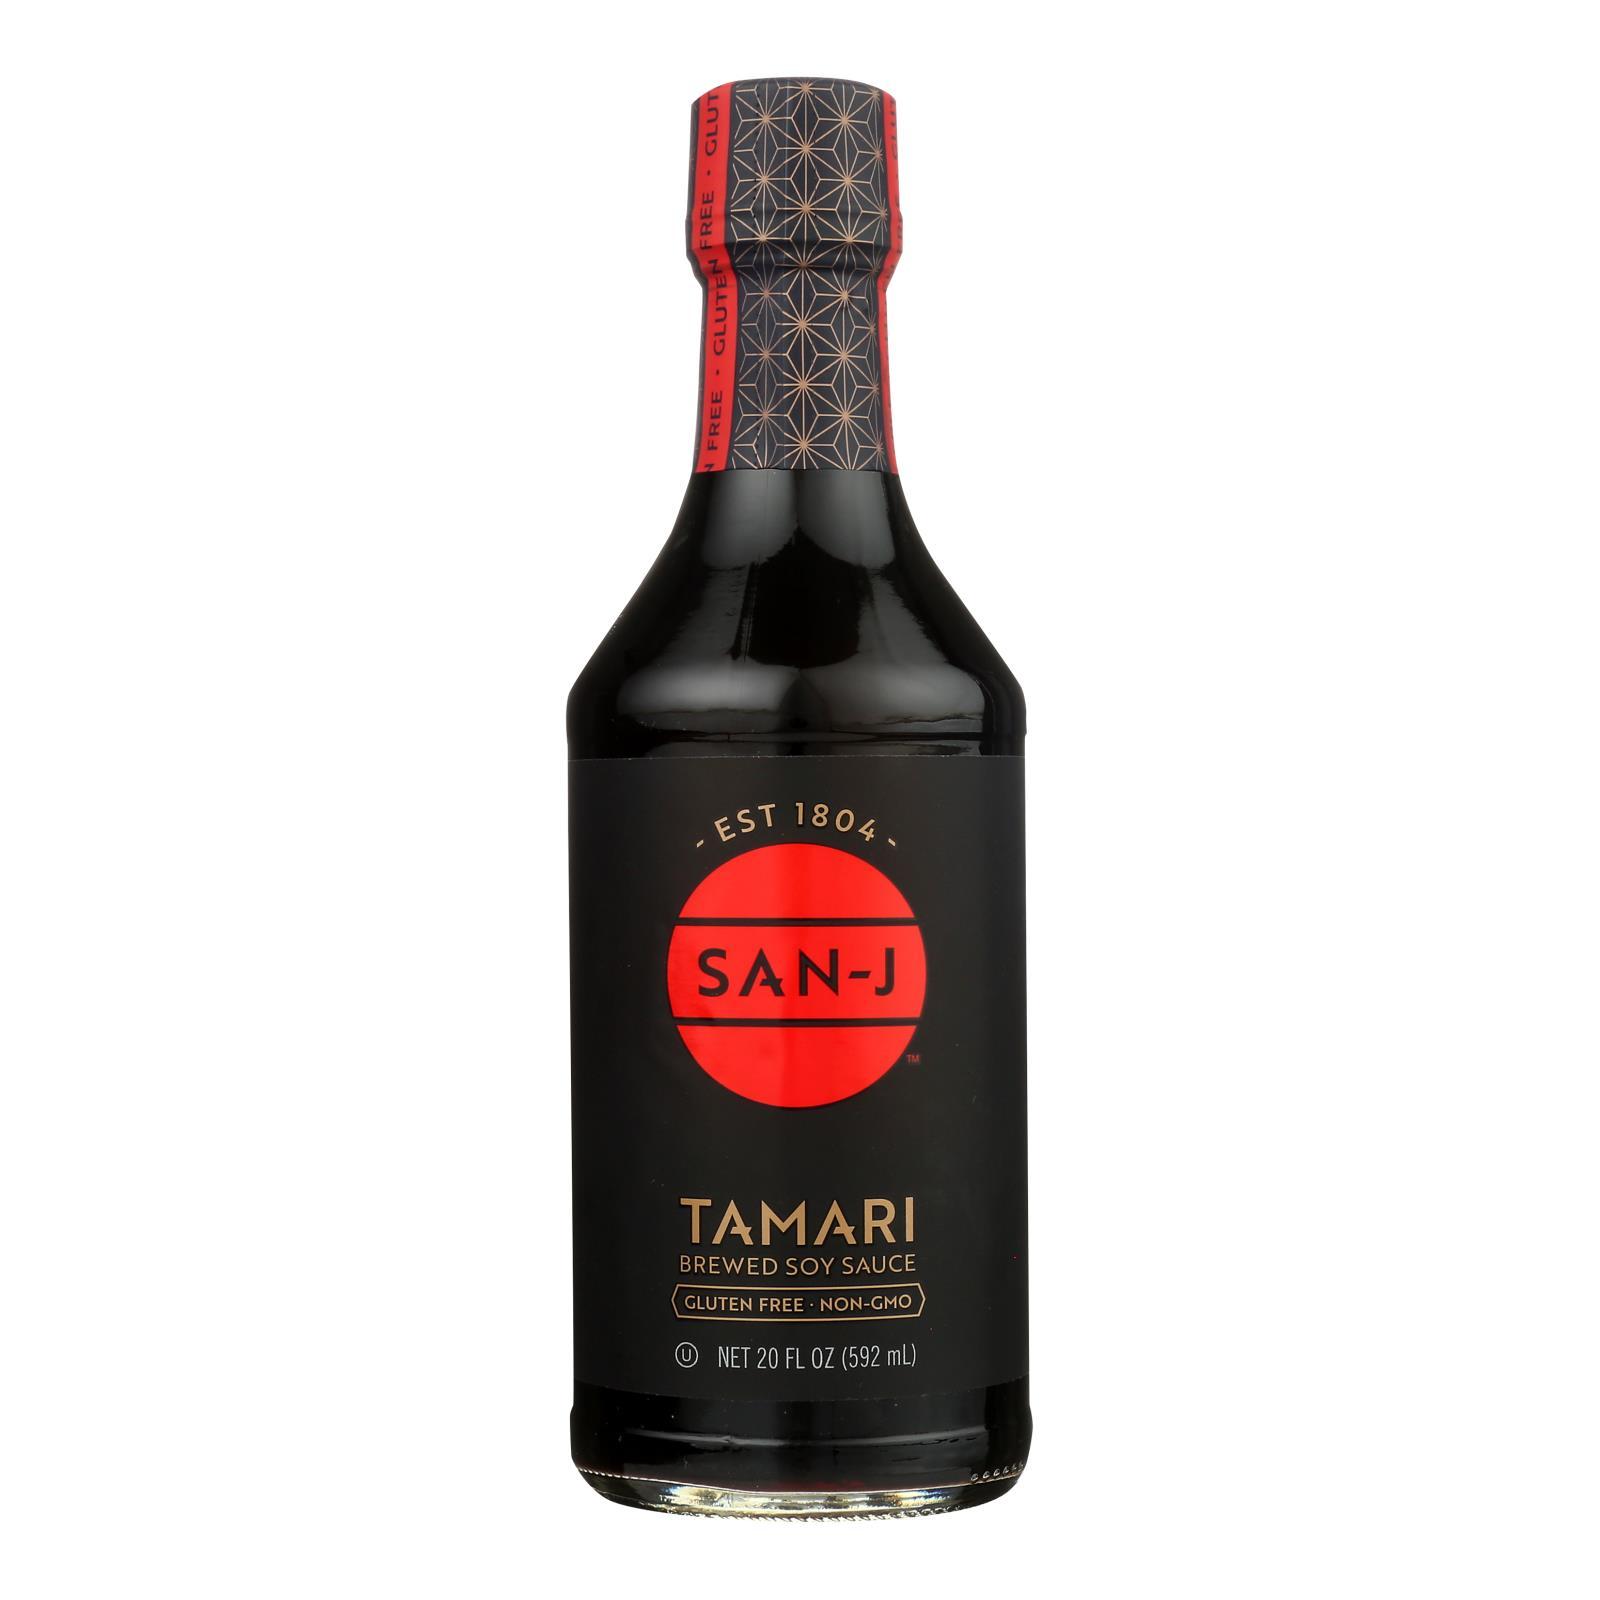 San - J Tamari Soy Sauce - Case of 6 - 20 Fl oz.